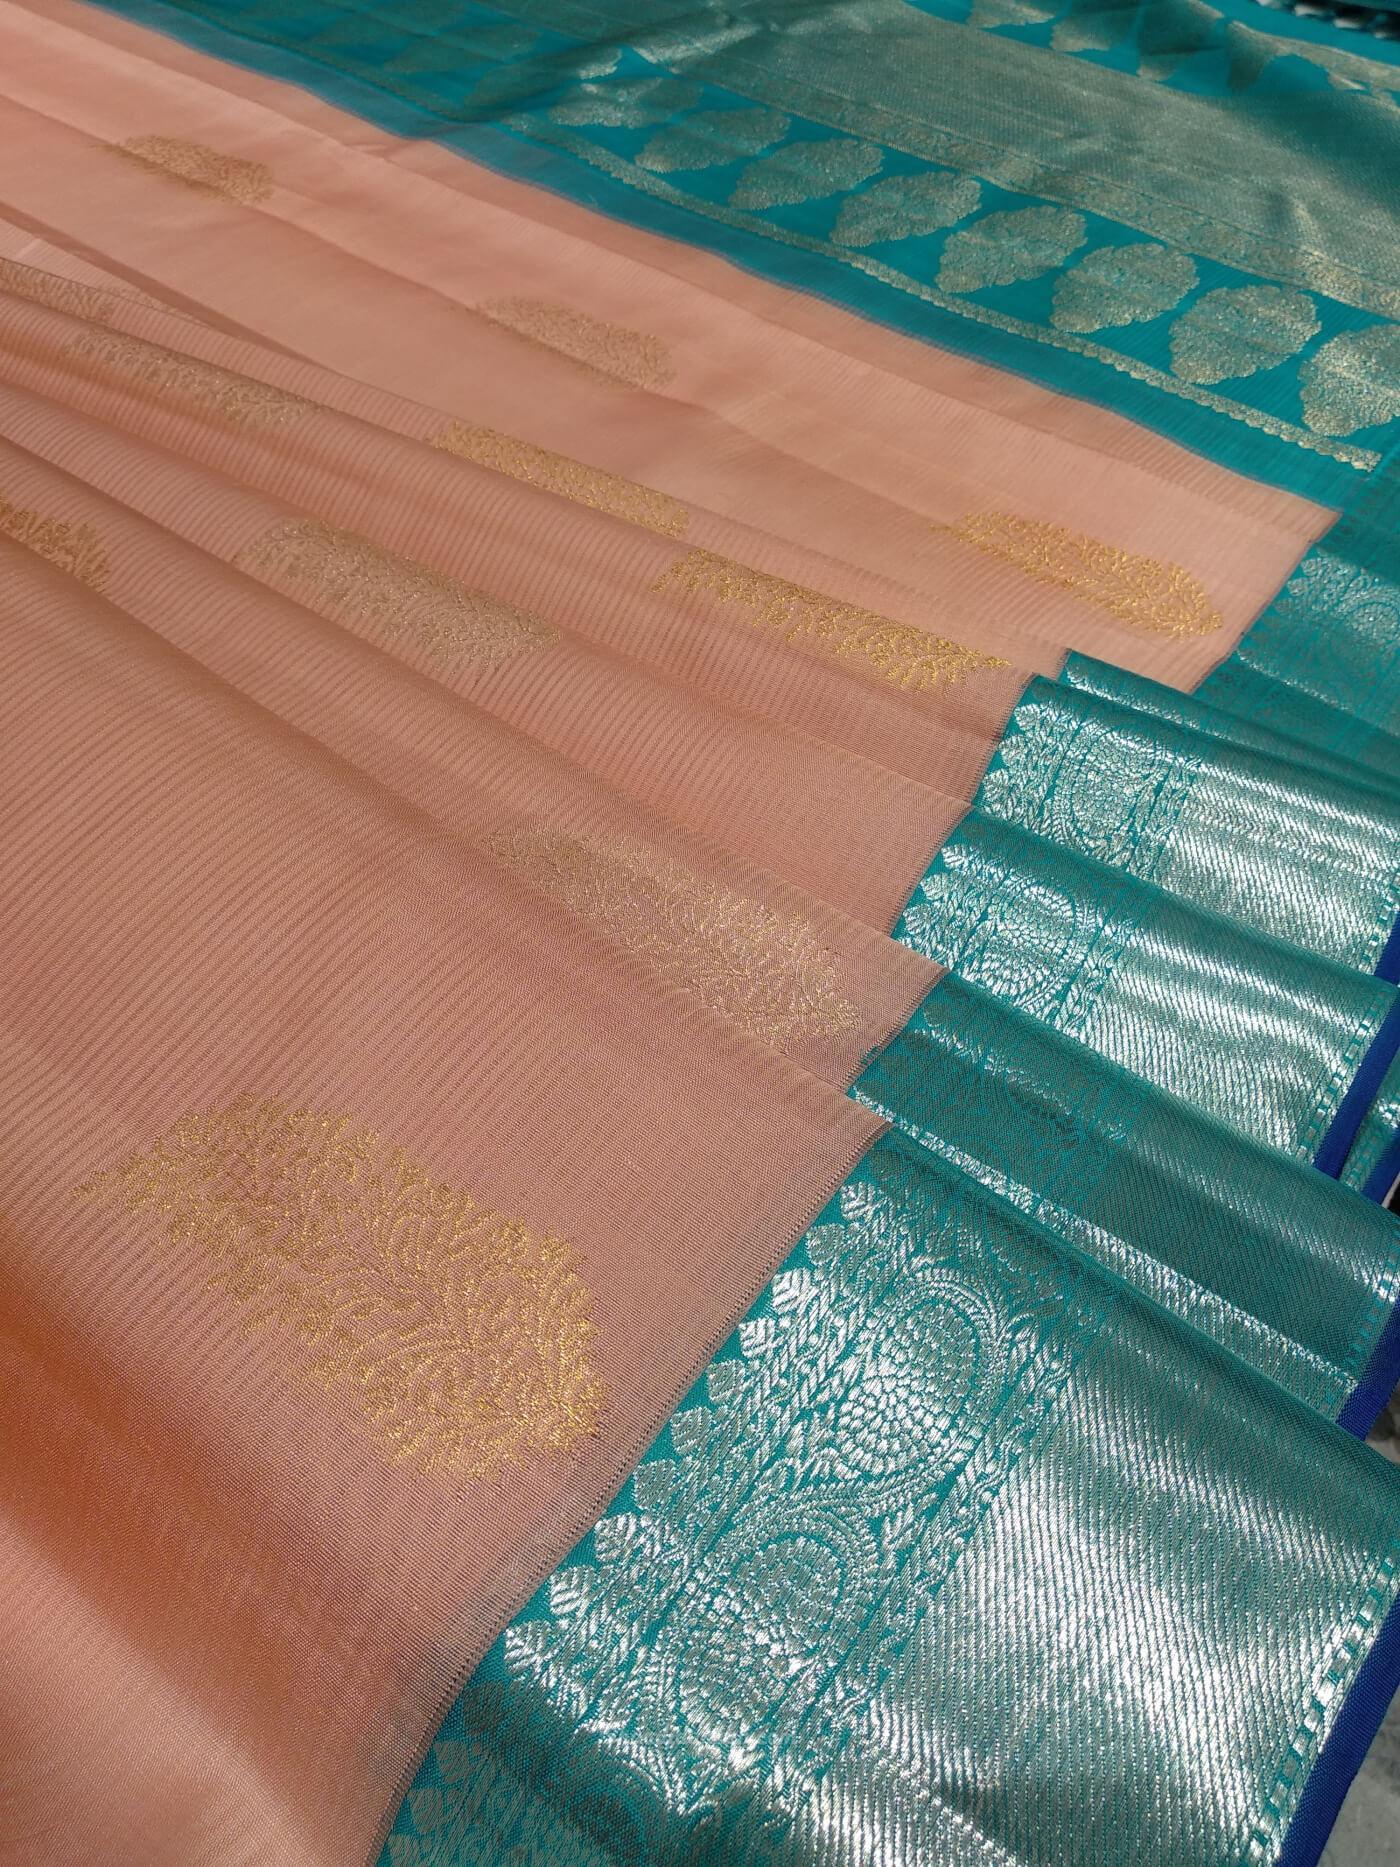 Vijayalakshmi Silks And Sarees